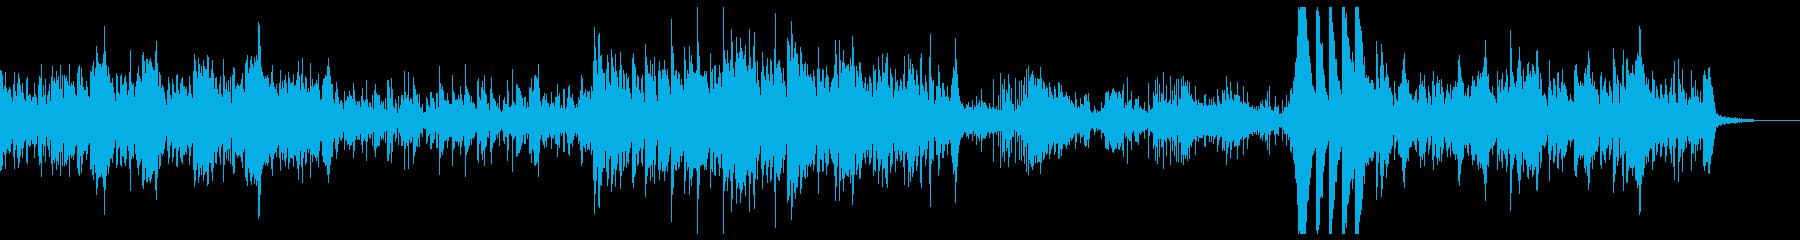 オーケストラ楽器魔法のおとぎ話のテ...の再生済みの波形